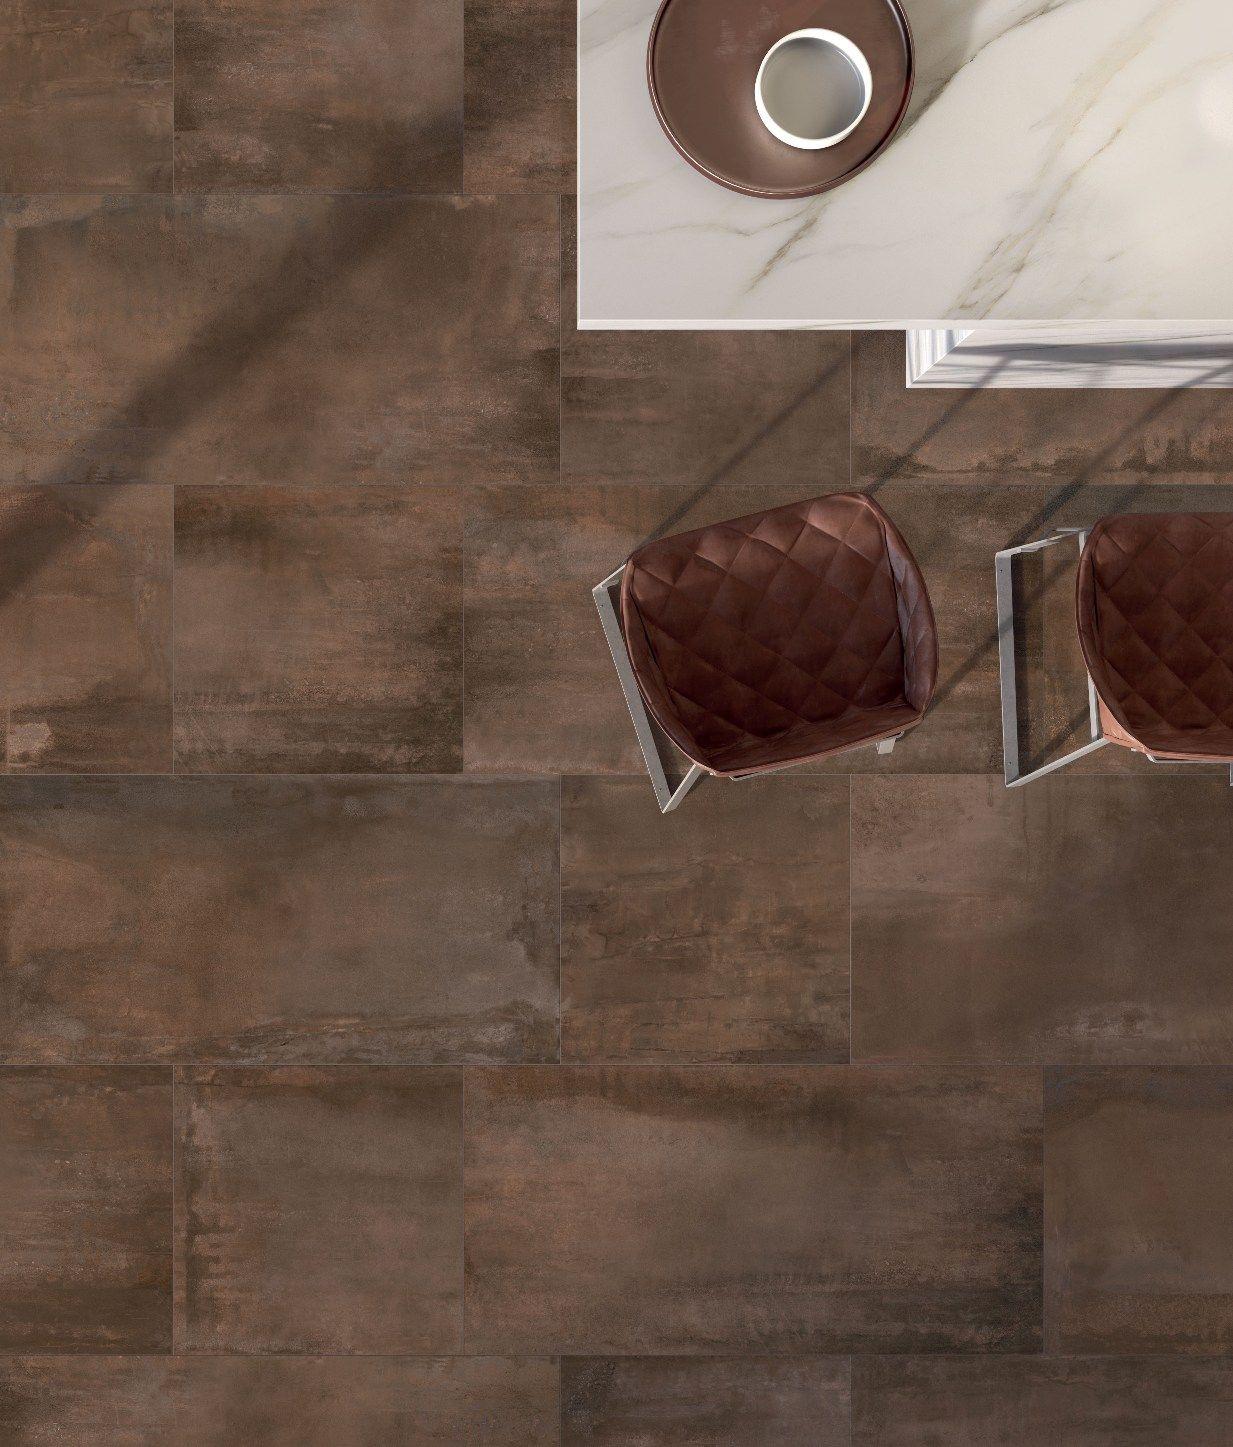 Pavimento realizzato con interno 9 abkemozioni colore rust pavimento realizzato con interno 9 abkemozioni colore rust abbinando i formati 60x120 e ceramic tile dailygadgetfo Gallery